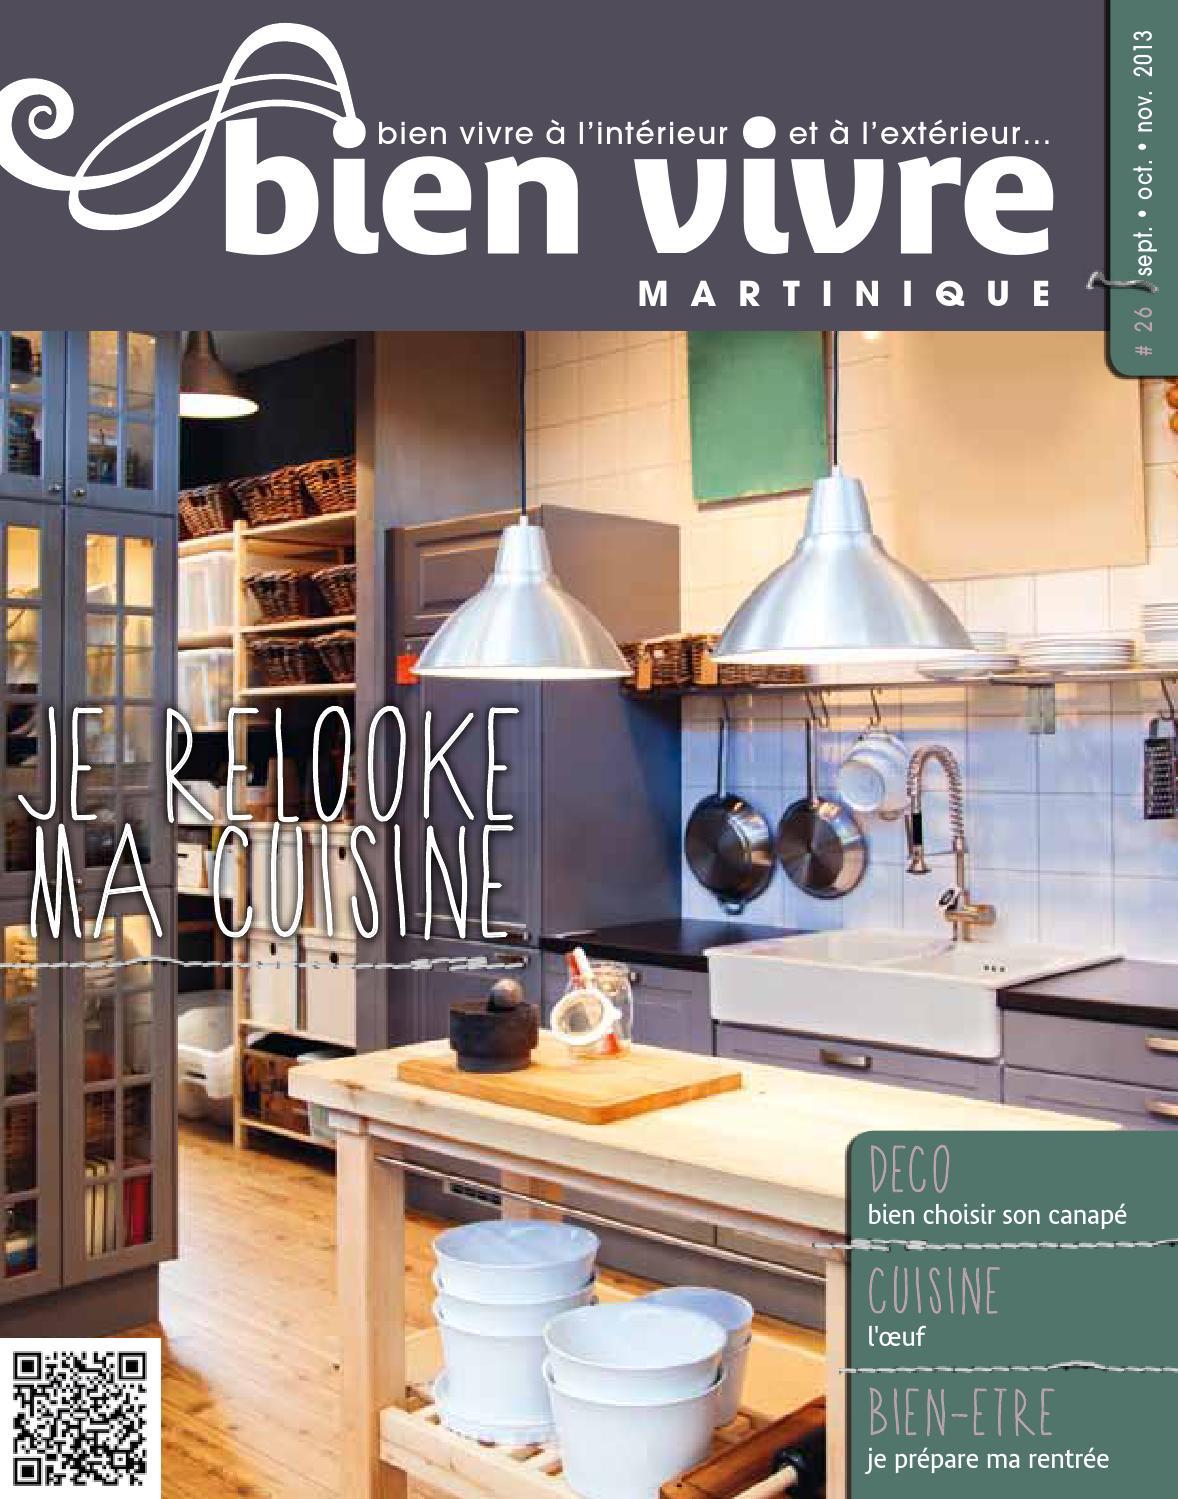 Bien vivre martinique septembre 2013 by bien vivre issuu - Je relooke ma cuisine ...